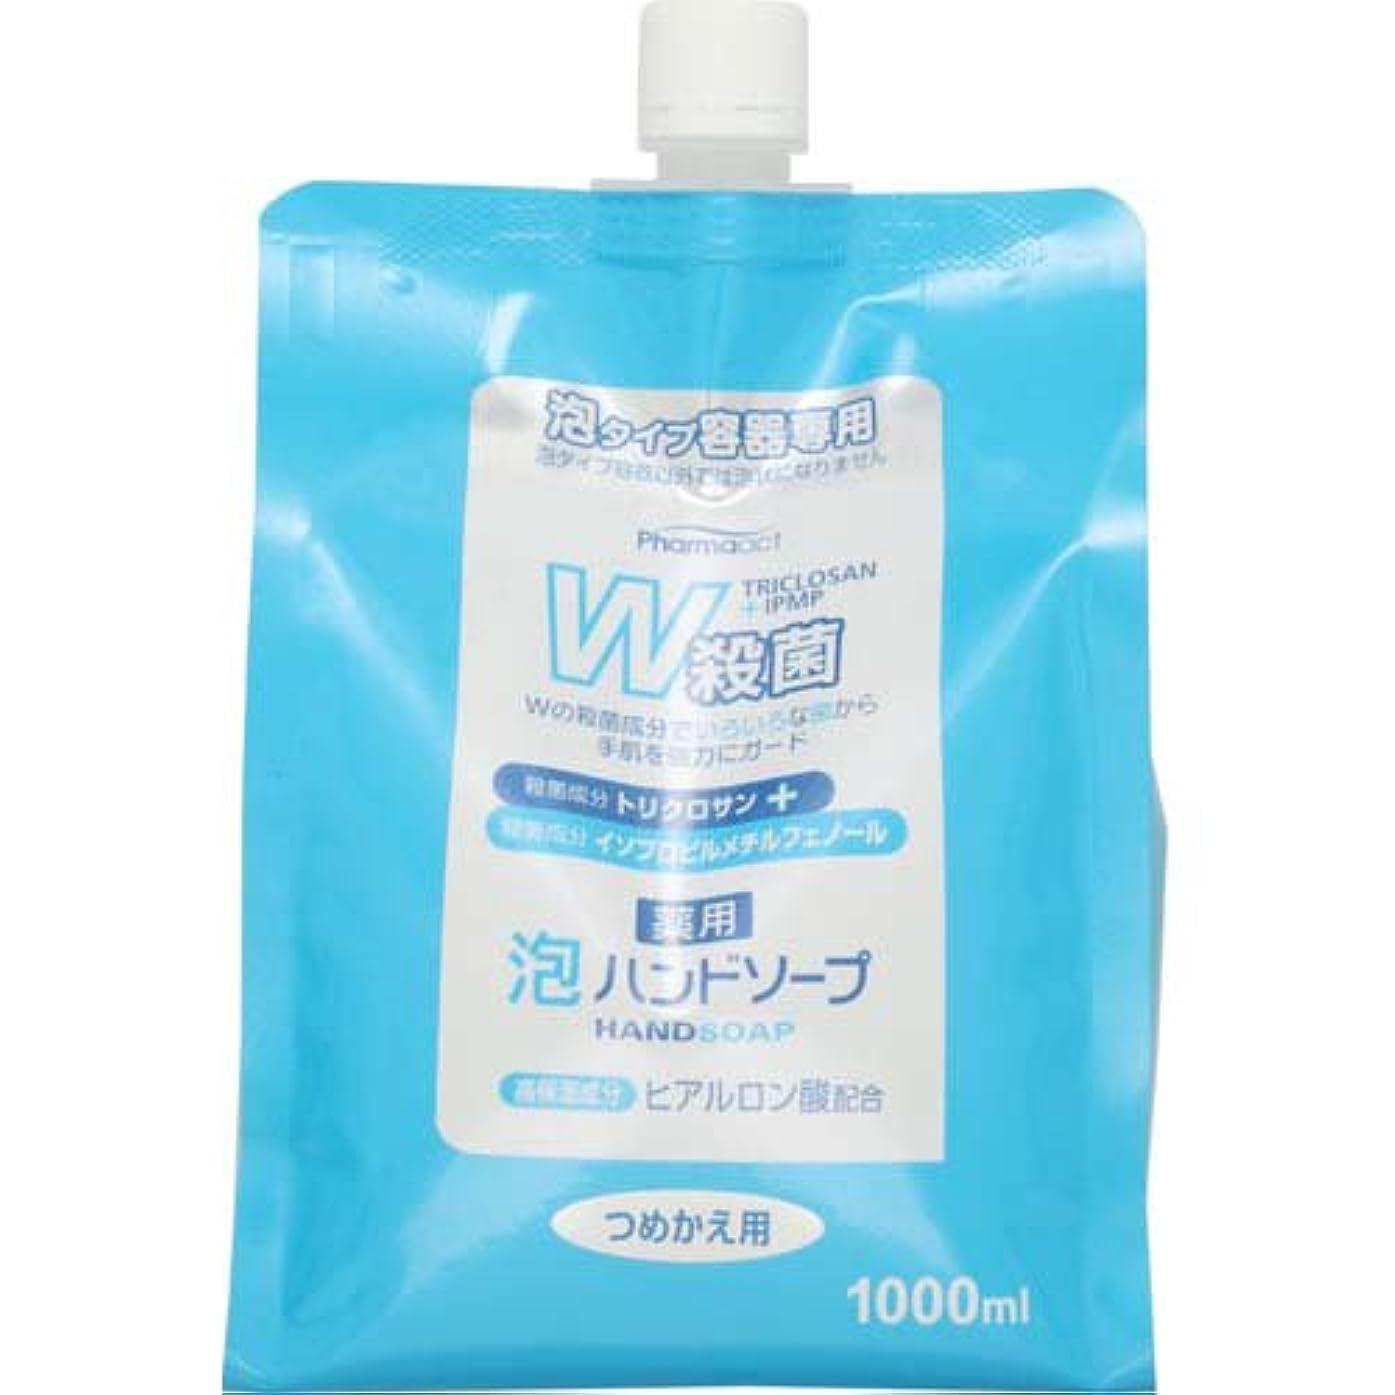 取り出す忠実にストリップファーマアクト W殺菌薬用泡ハンドソープ スパウト付き詰替 1000ml